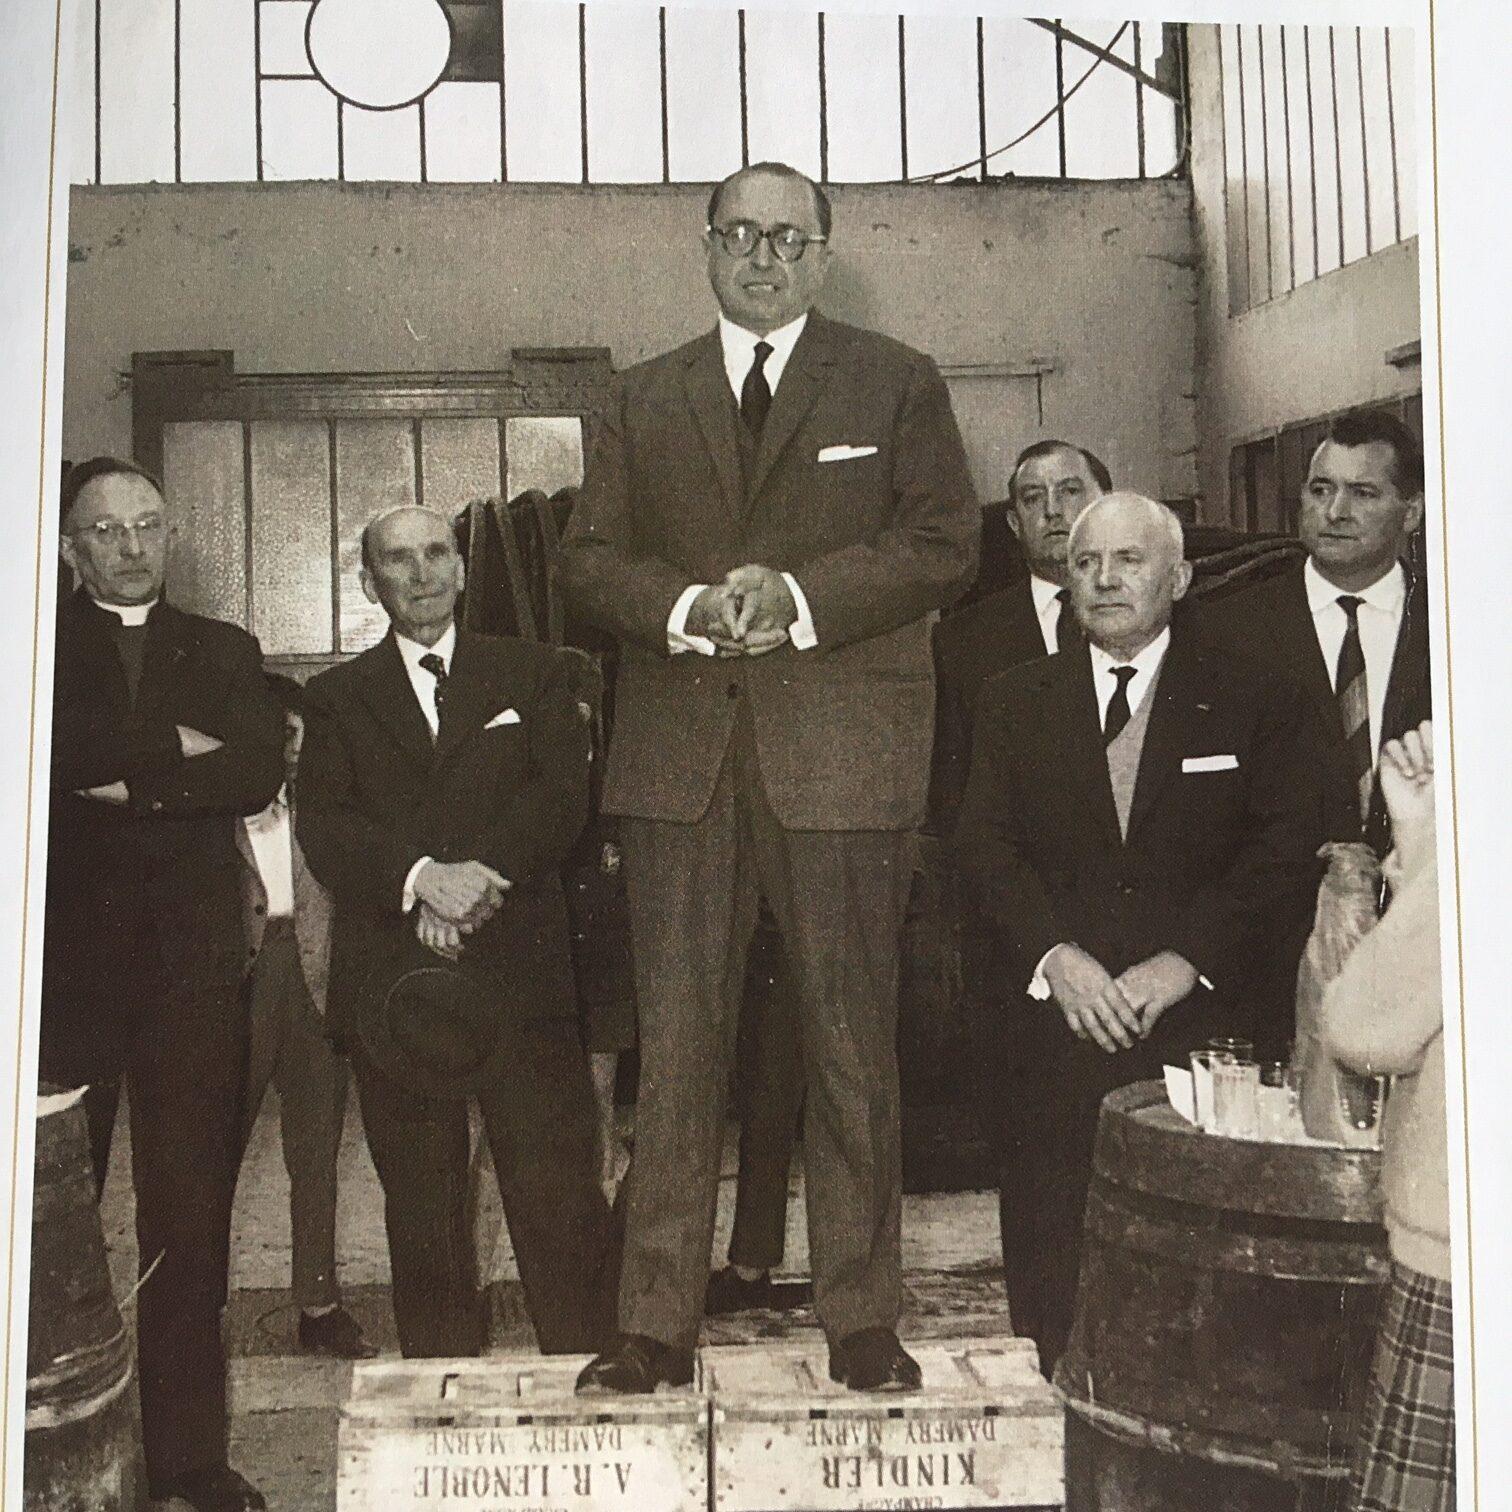 Armand-Raphaël, the pioneer, was succeeded by his son, Joseph, the happy-go-lucky chap who liked to spend money, in 1947. Armand-Raphaël, le pionnier, a été remplacé par son fils, Joseph, le type joyeux qui aimait dépenser de l'argent, en 1947.